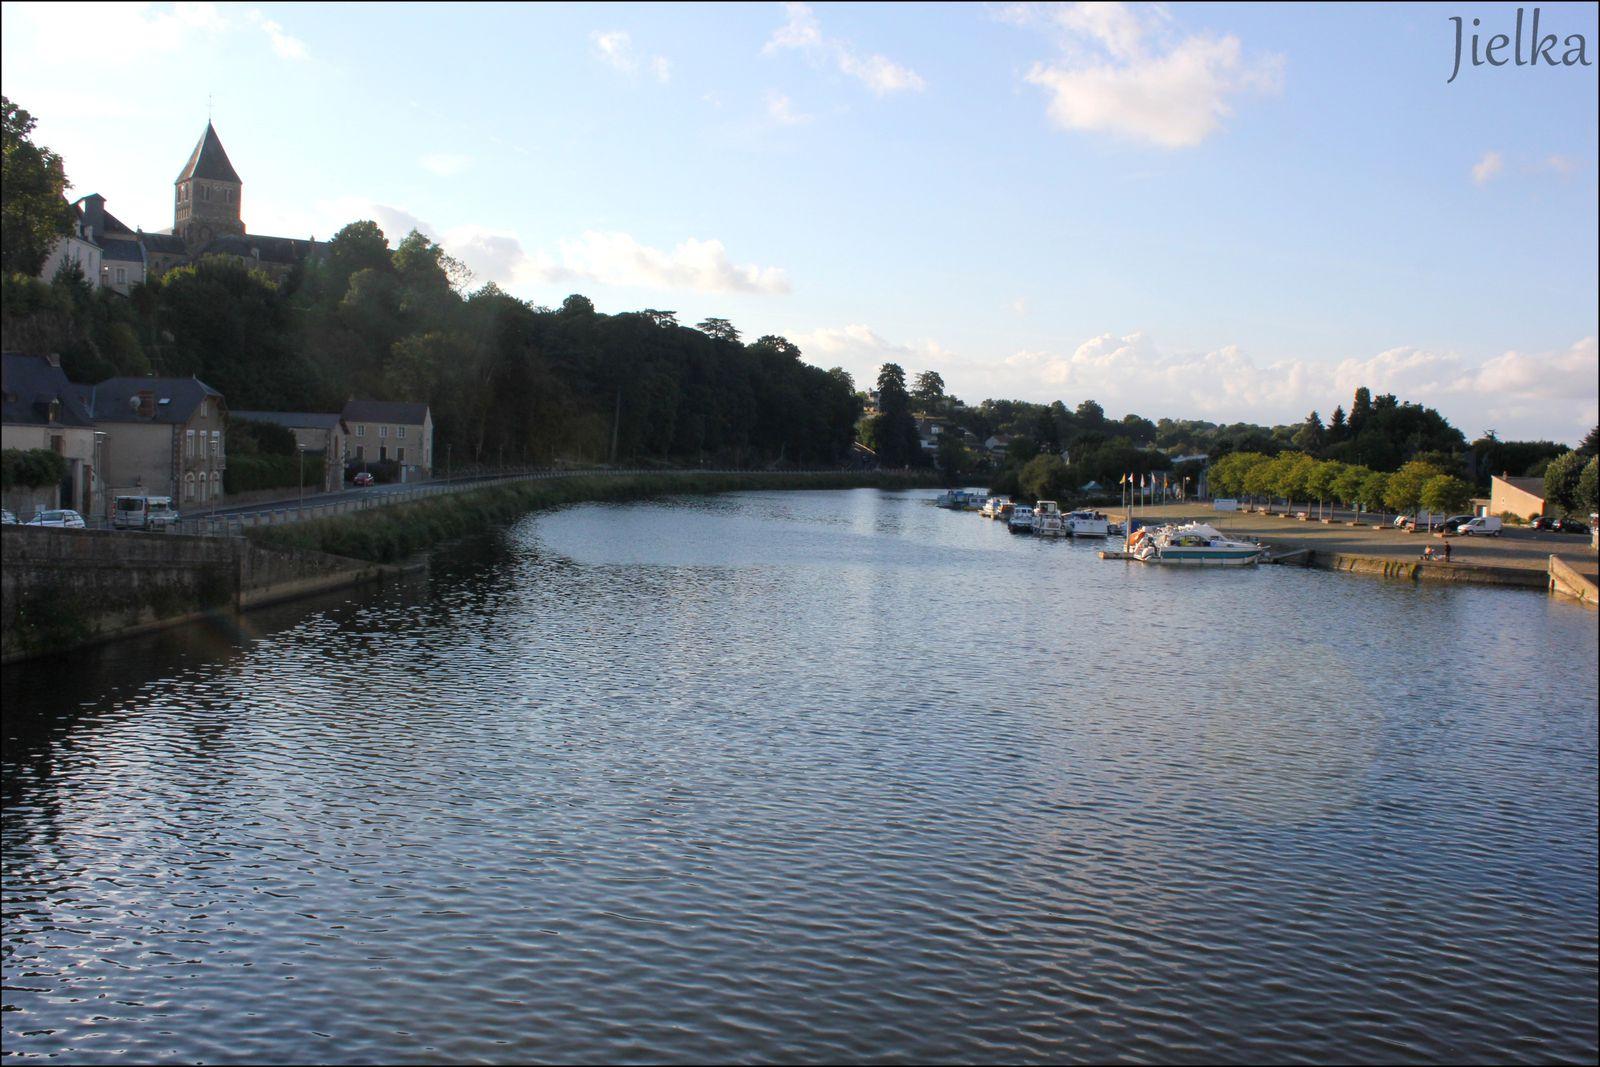 la mayenne traverse la ville de Chateau-Gontier du nord au sud, le tourisme fluvial et la pèche à la ligne attirent  un bon nombre de touristes